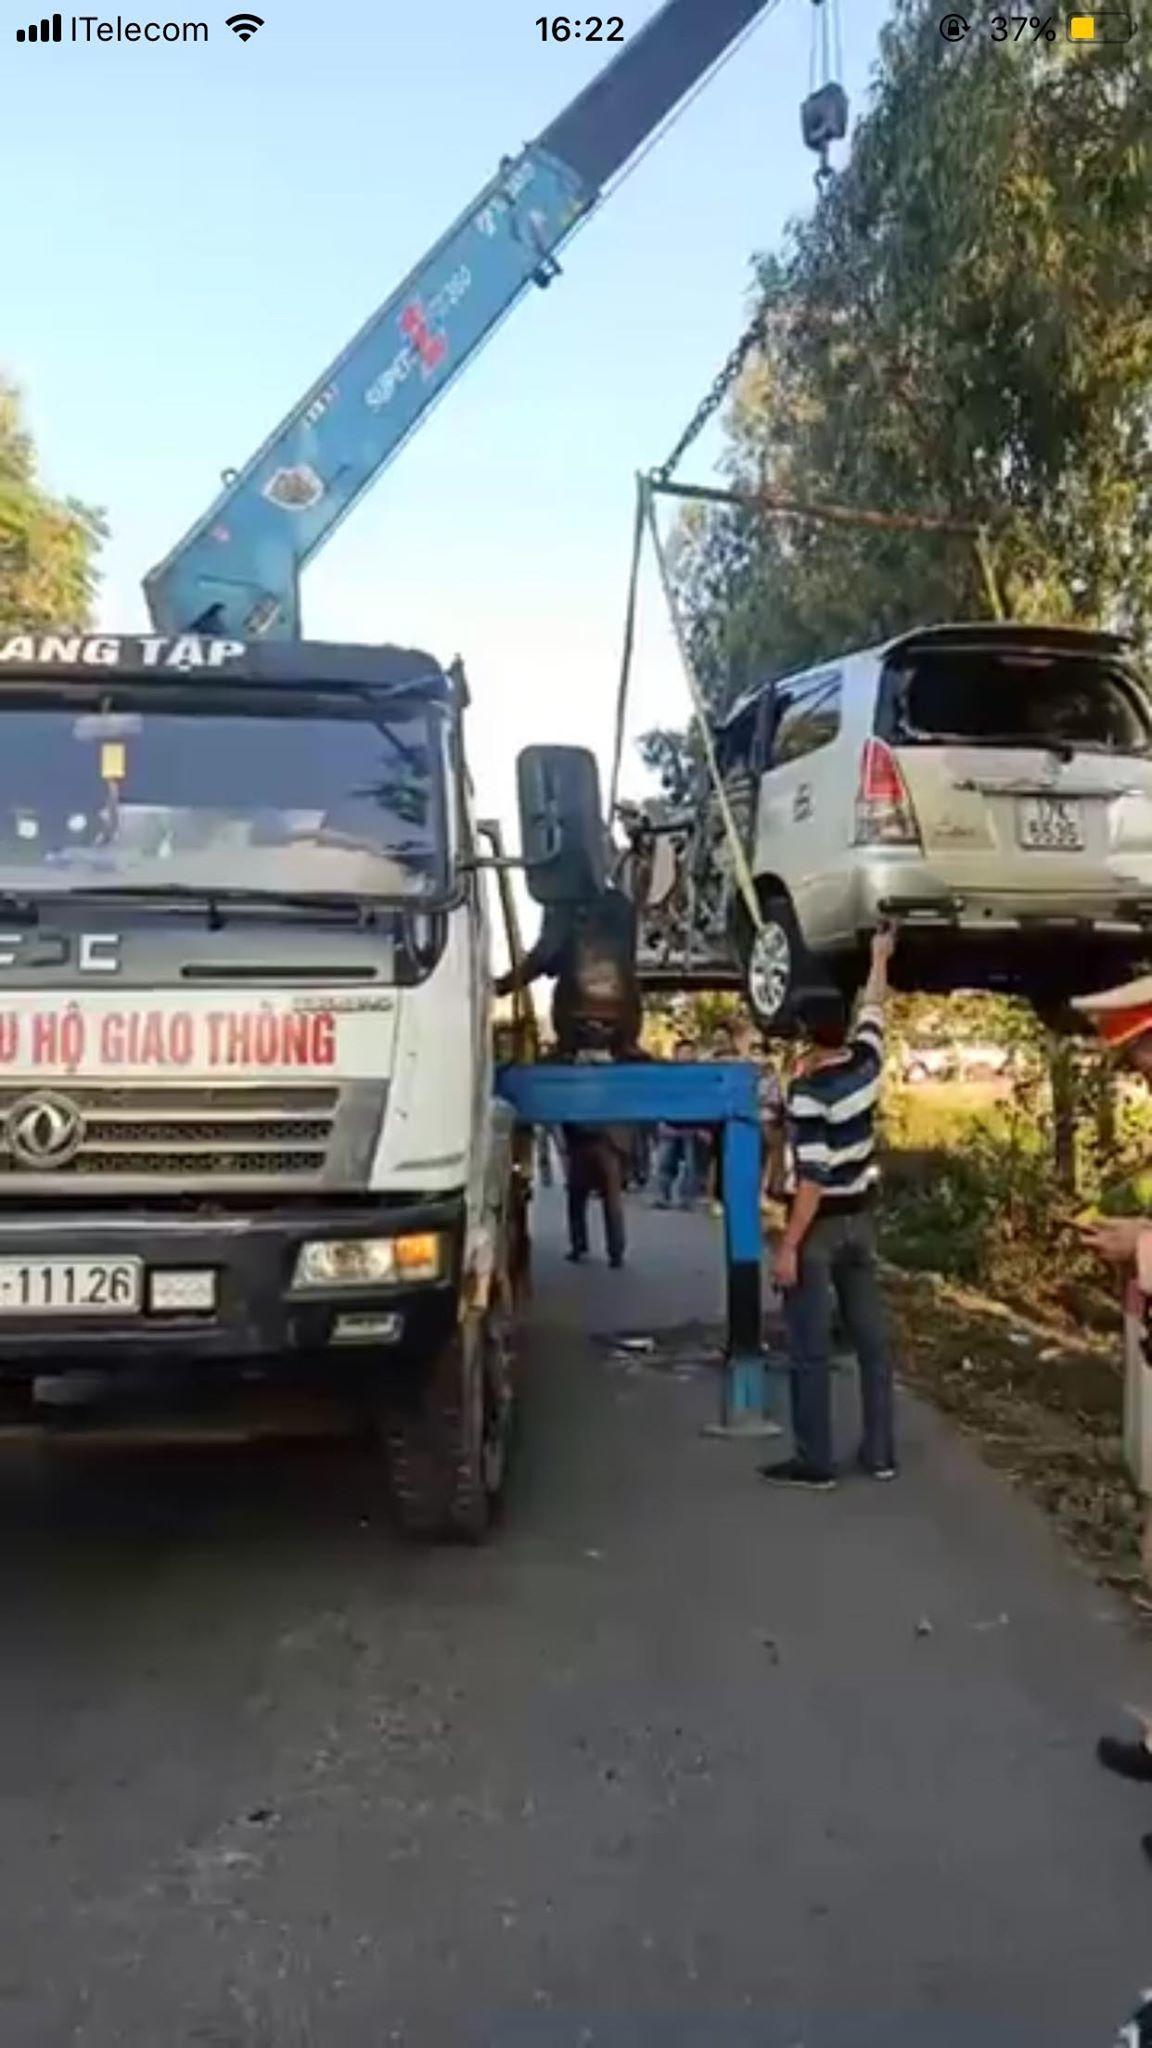 Xe Innova đâm lật xe tải ở Thái Bình, 6 người bị thương nặng